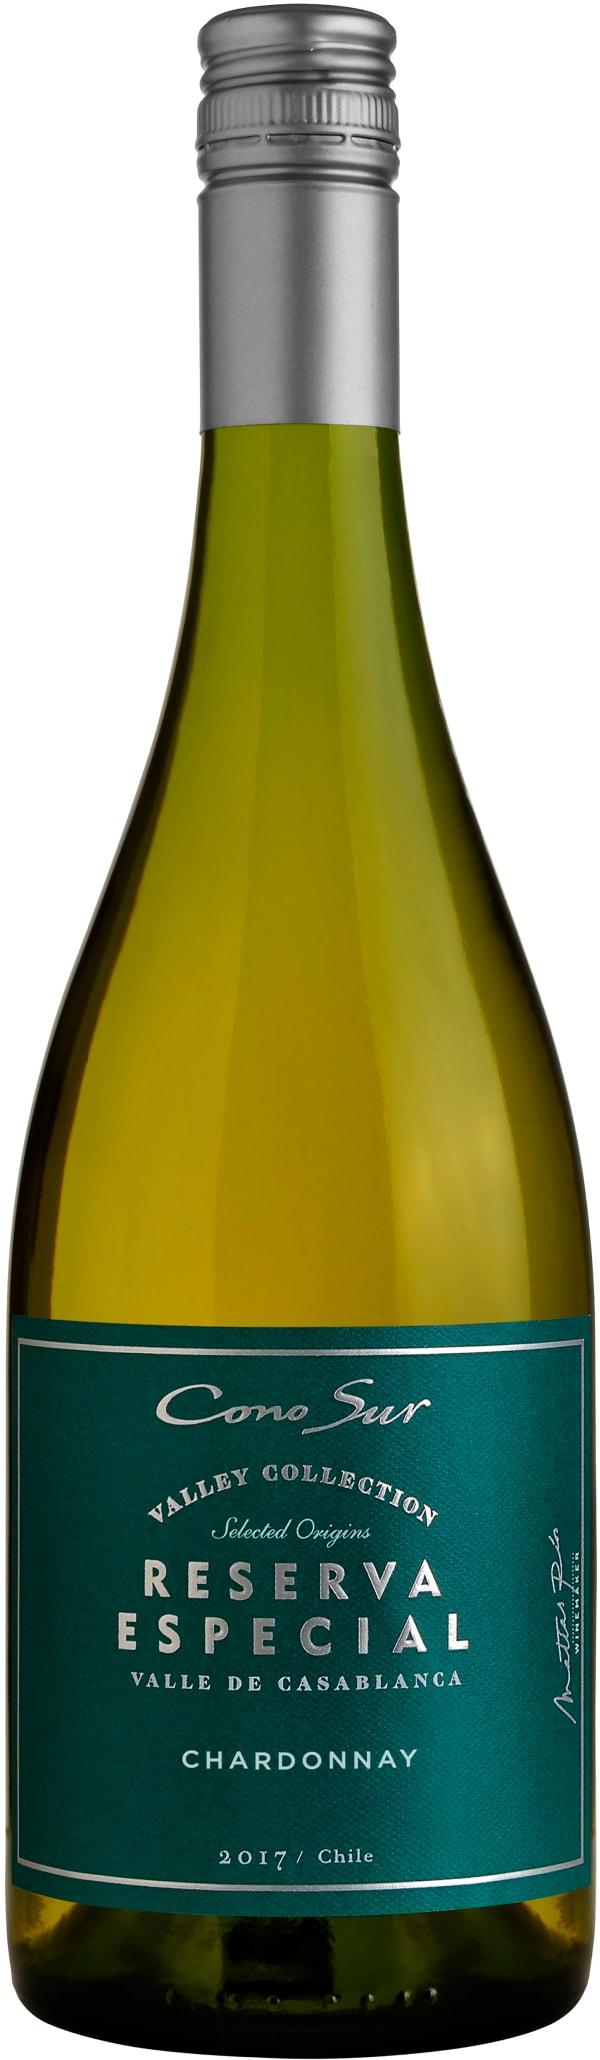 Cono Sur Reserva Especial Chardonnay 2017